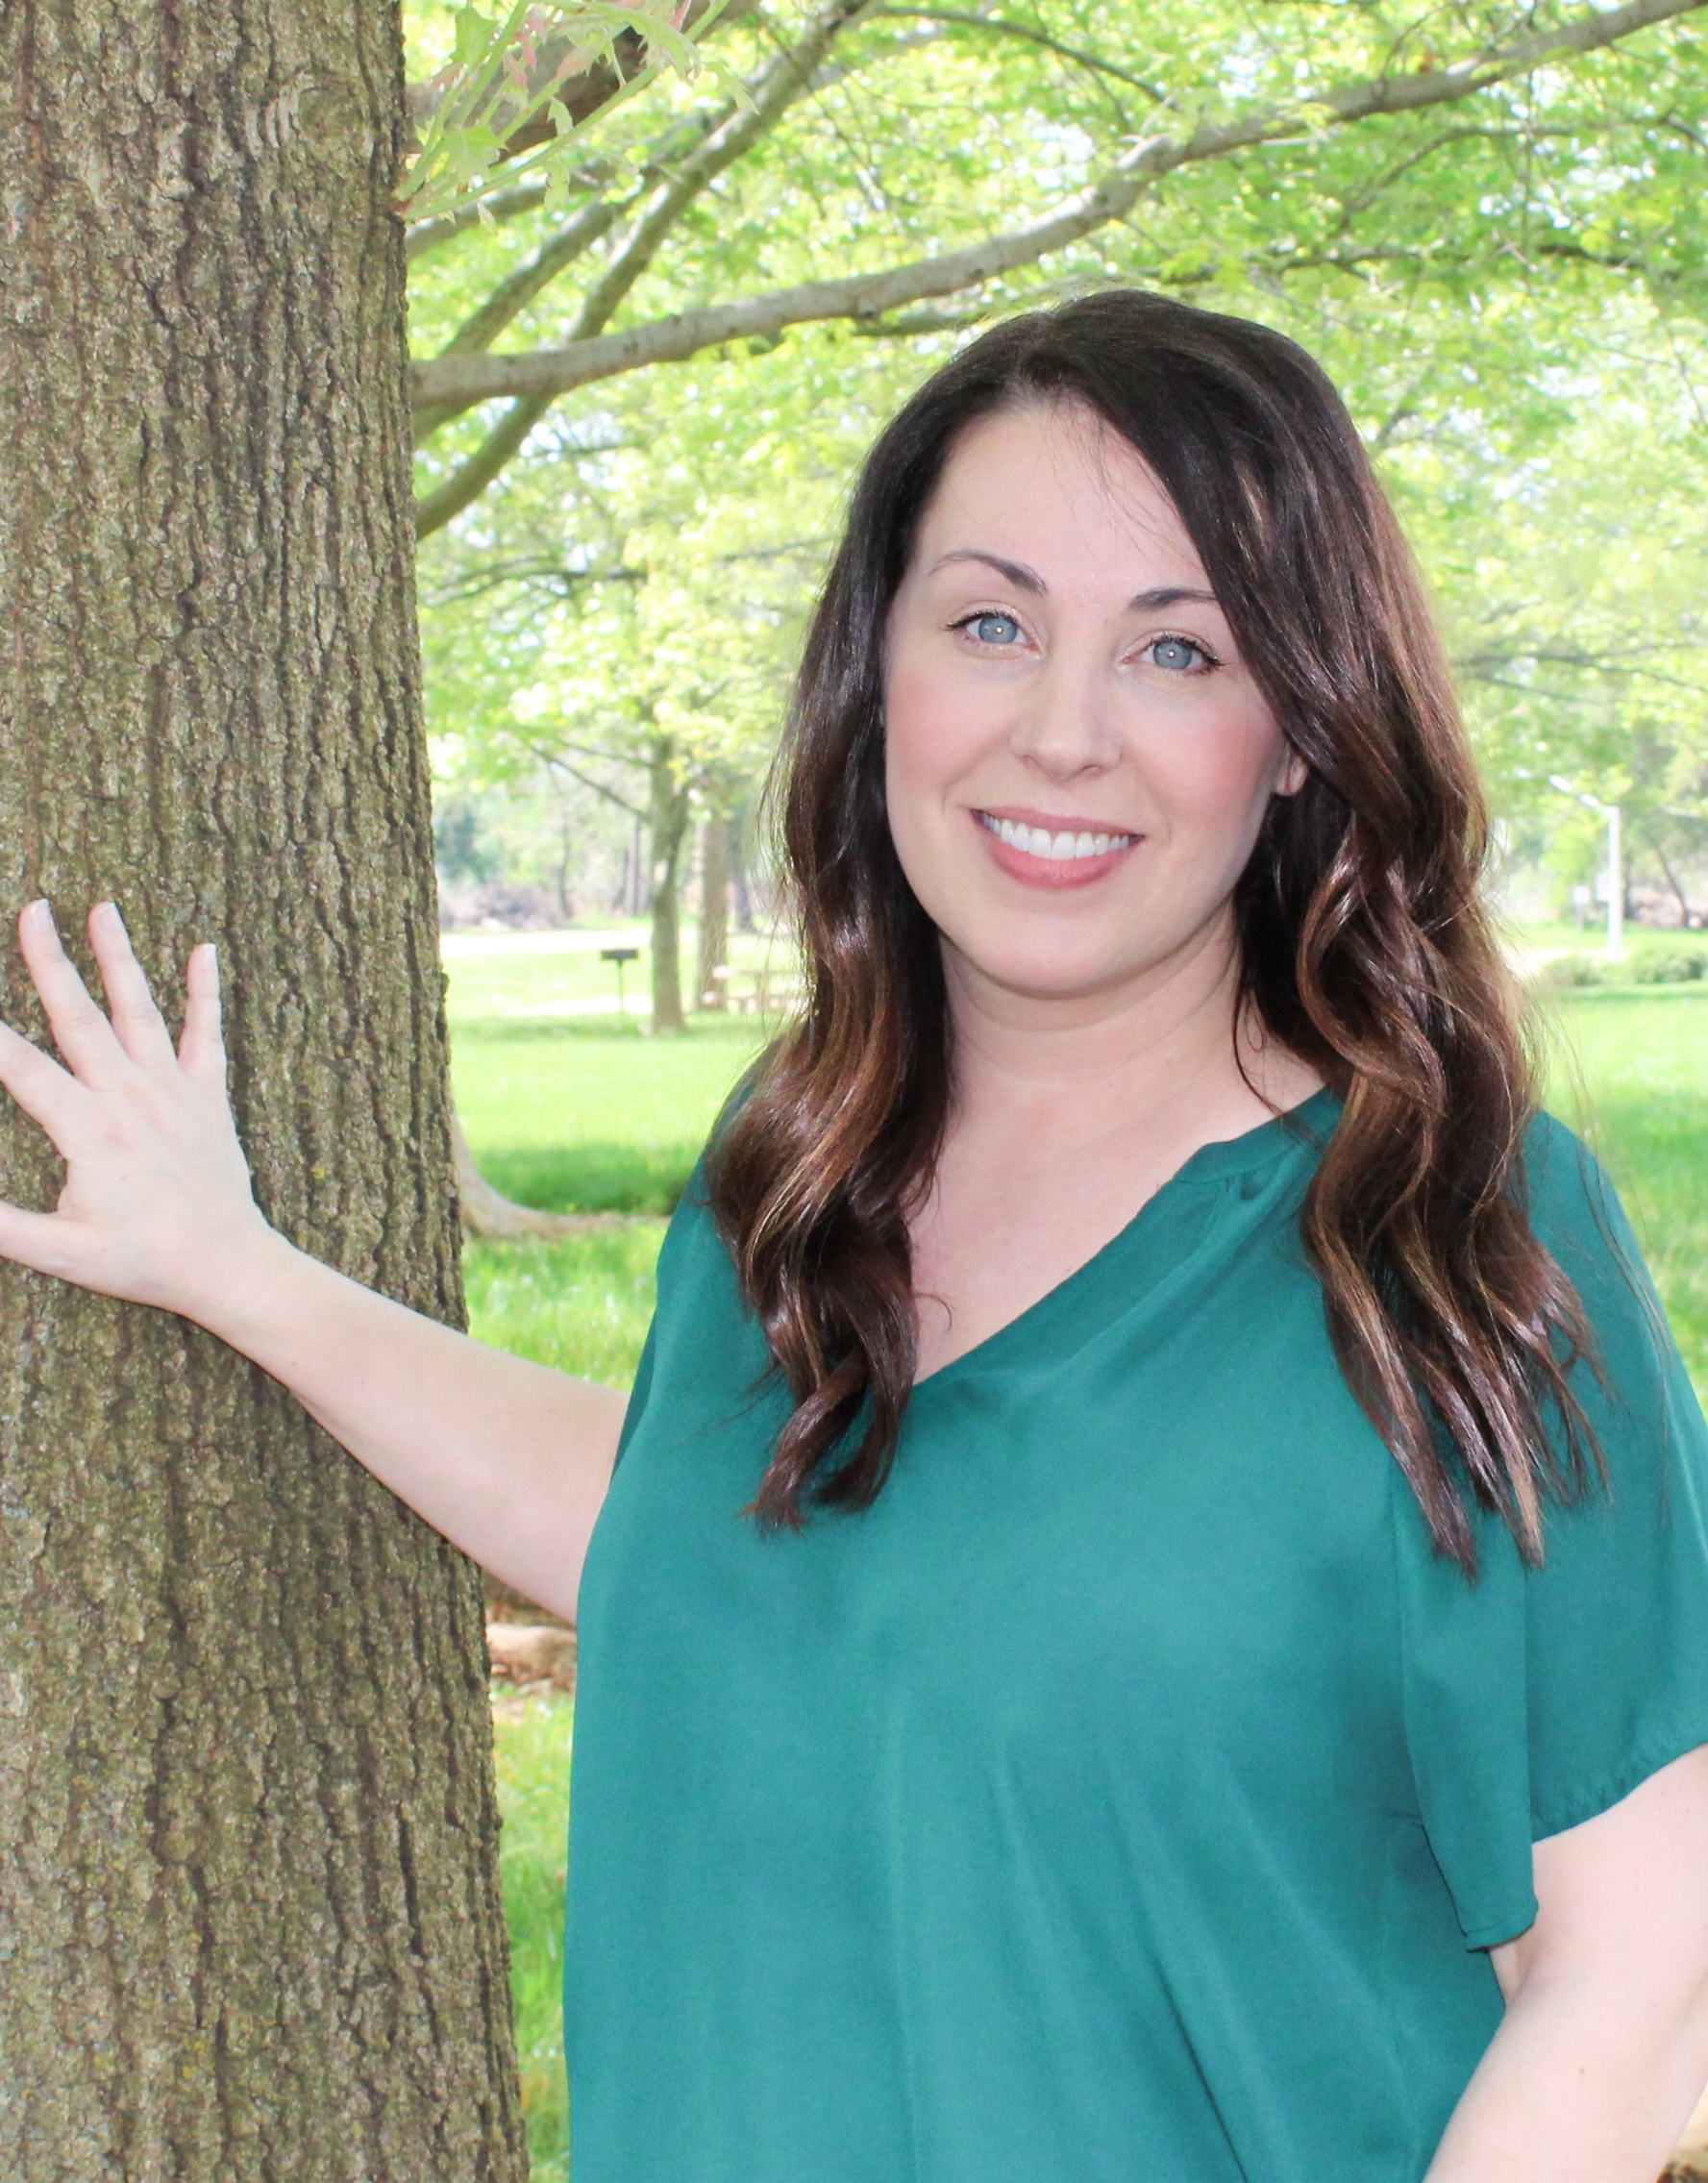 Rachel Ricks, Hearing Instrument Specialist at Audiology Associates of Redding